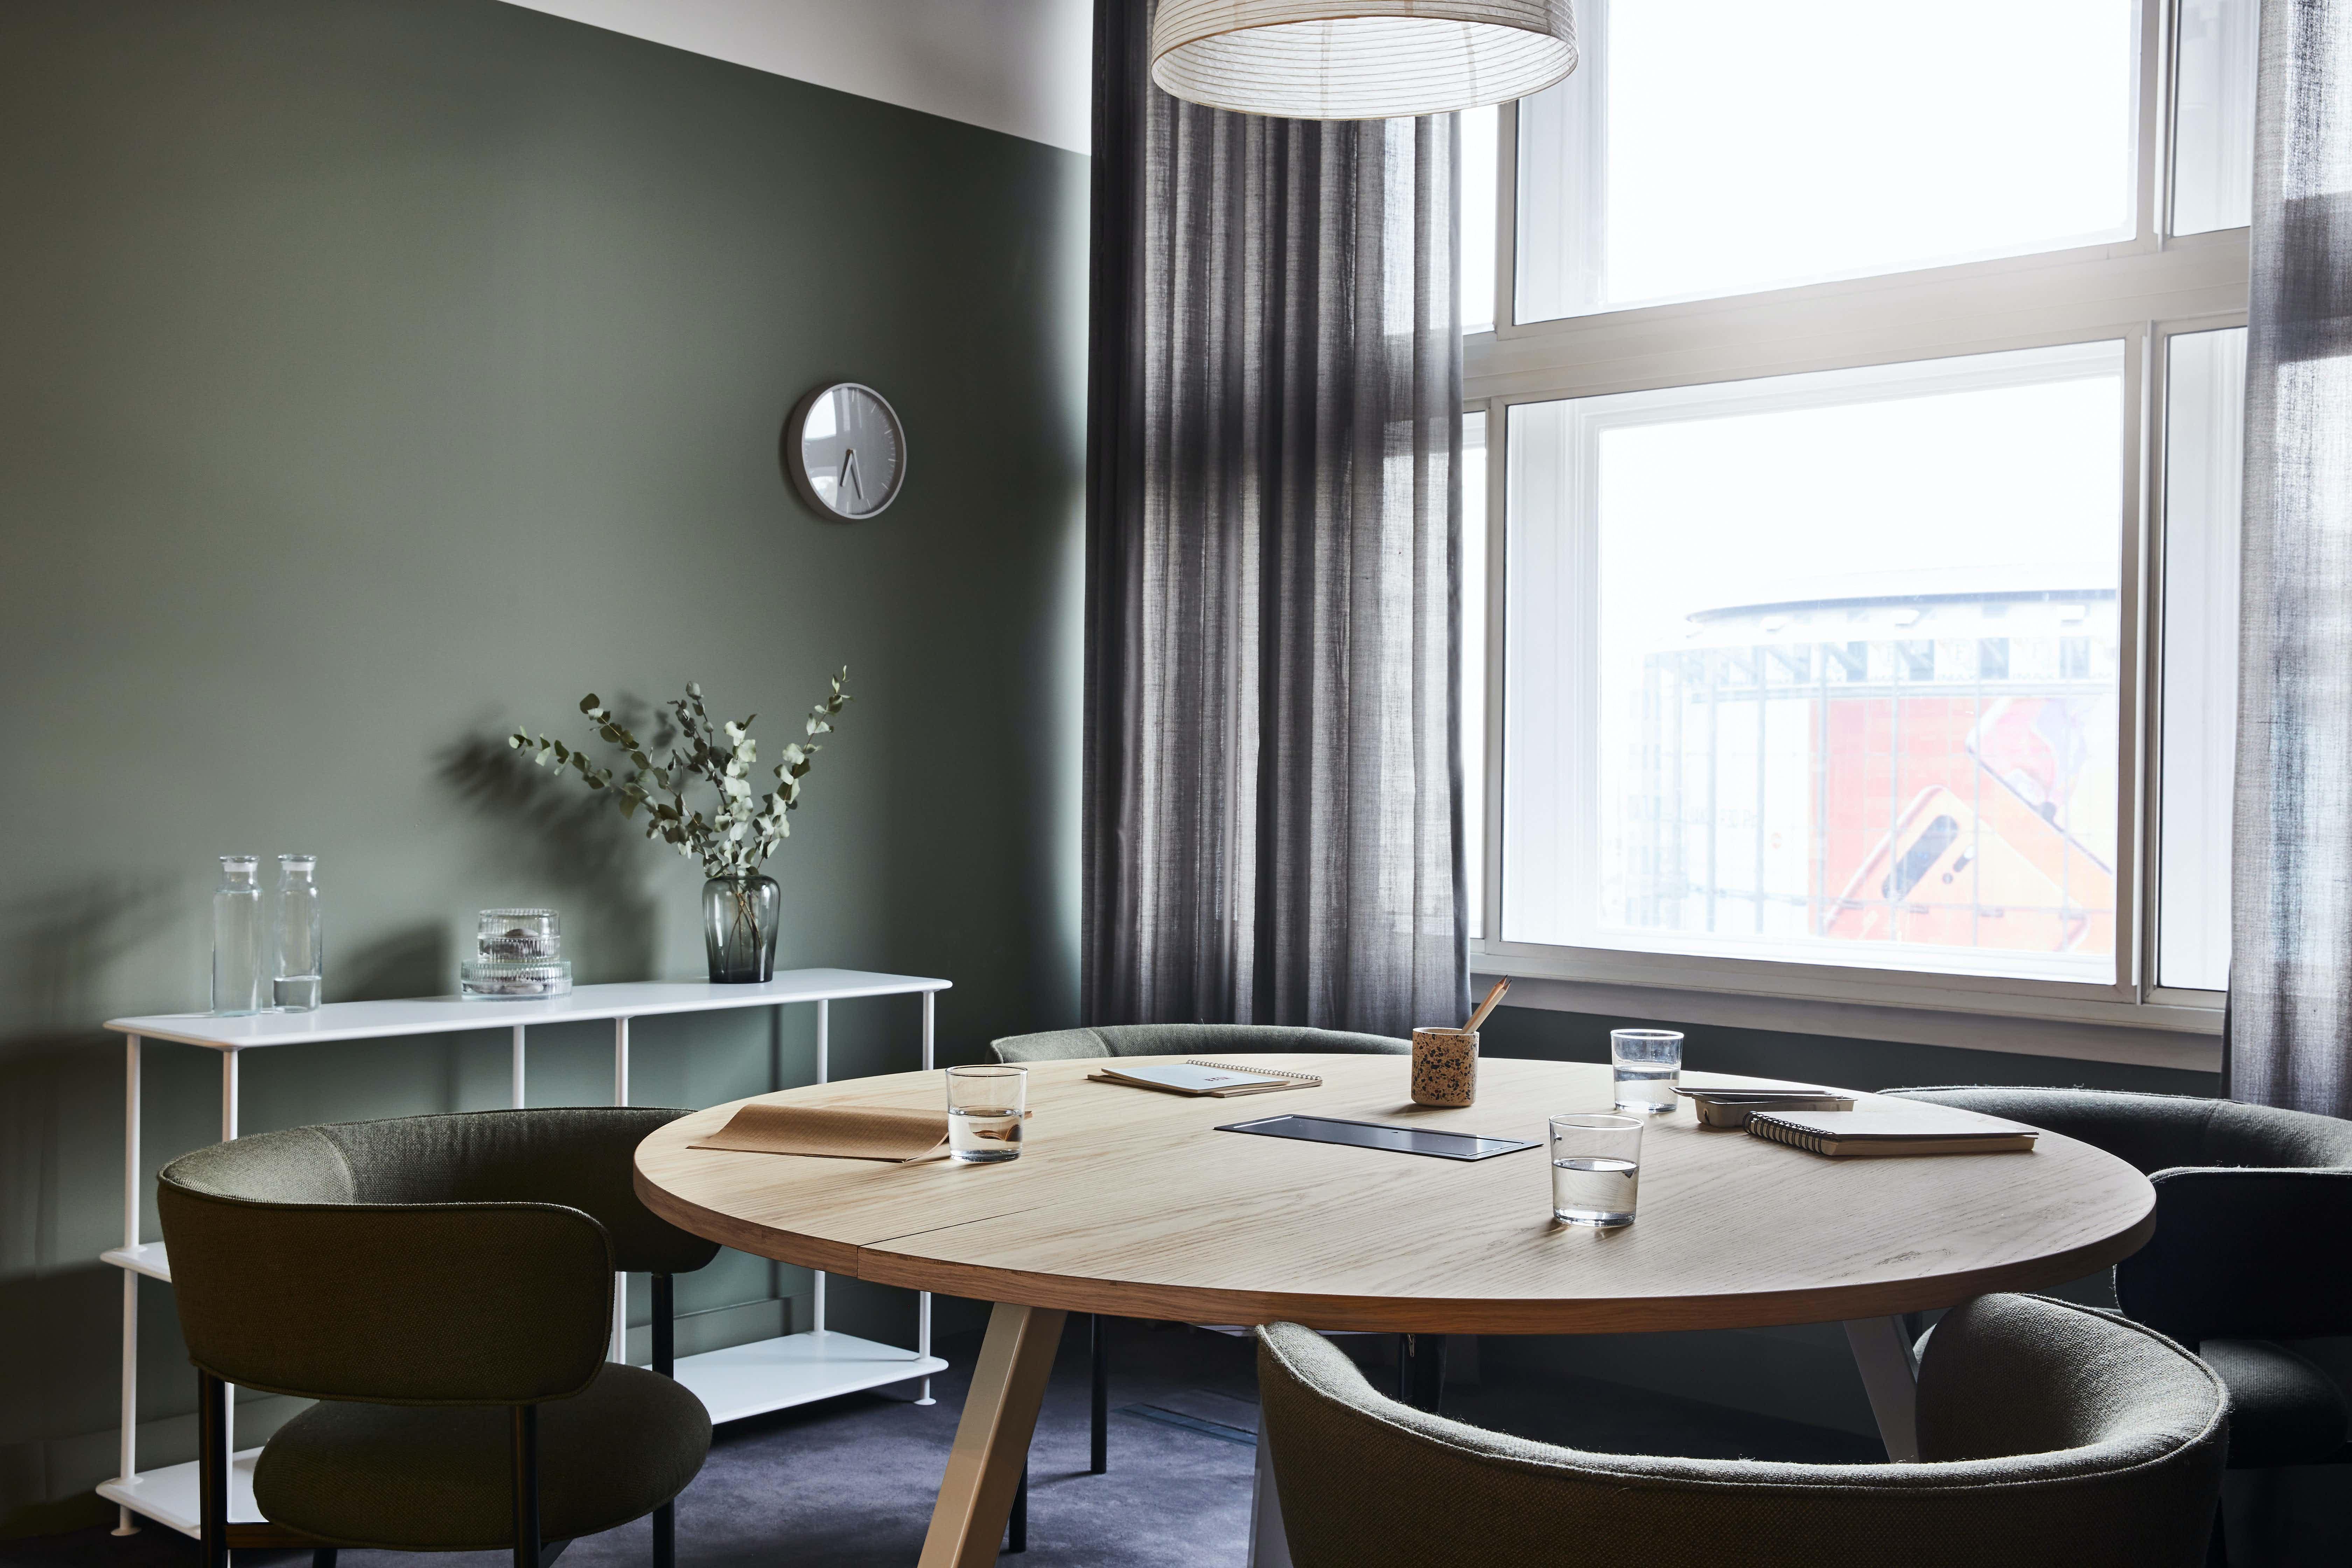 Meeting Room 6, Scott House, Waterloo Station